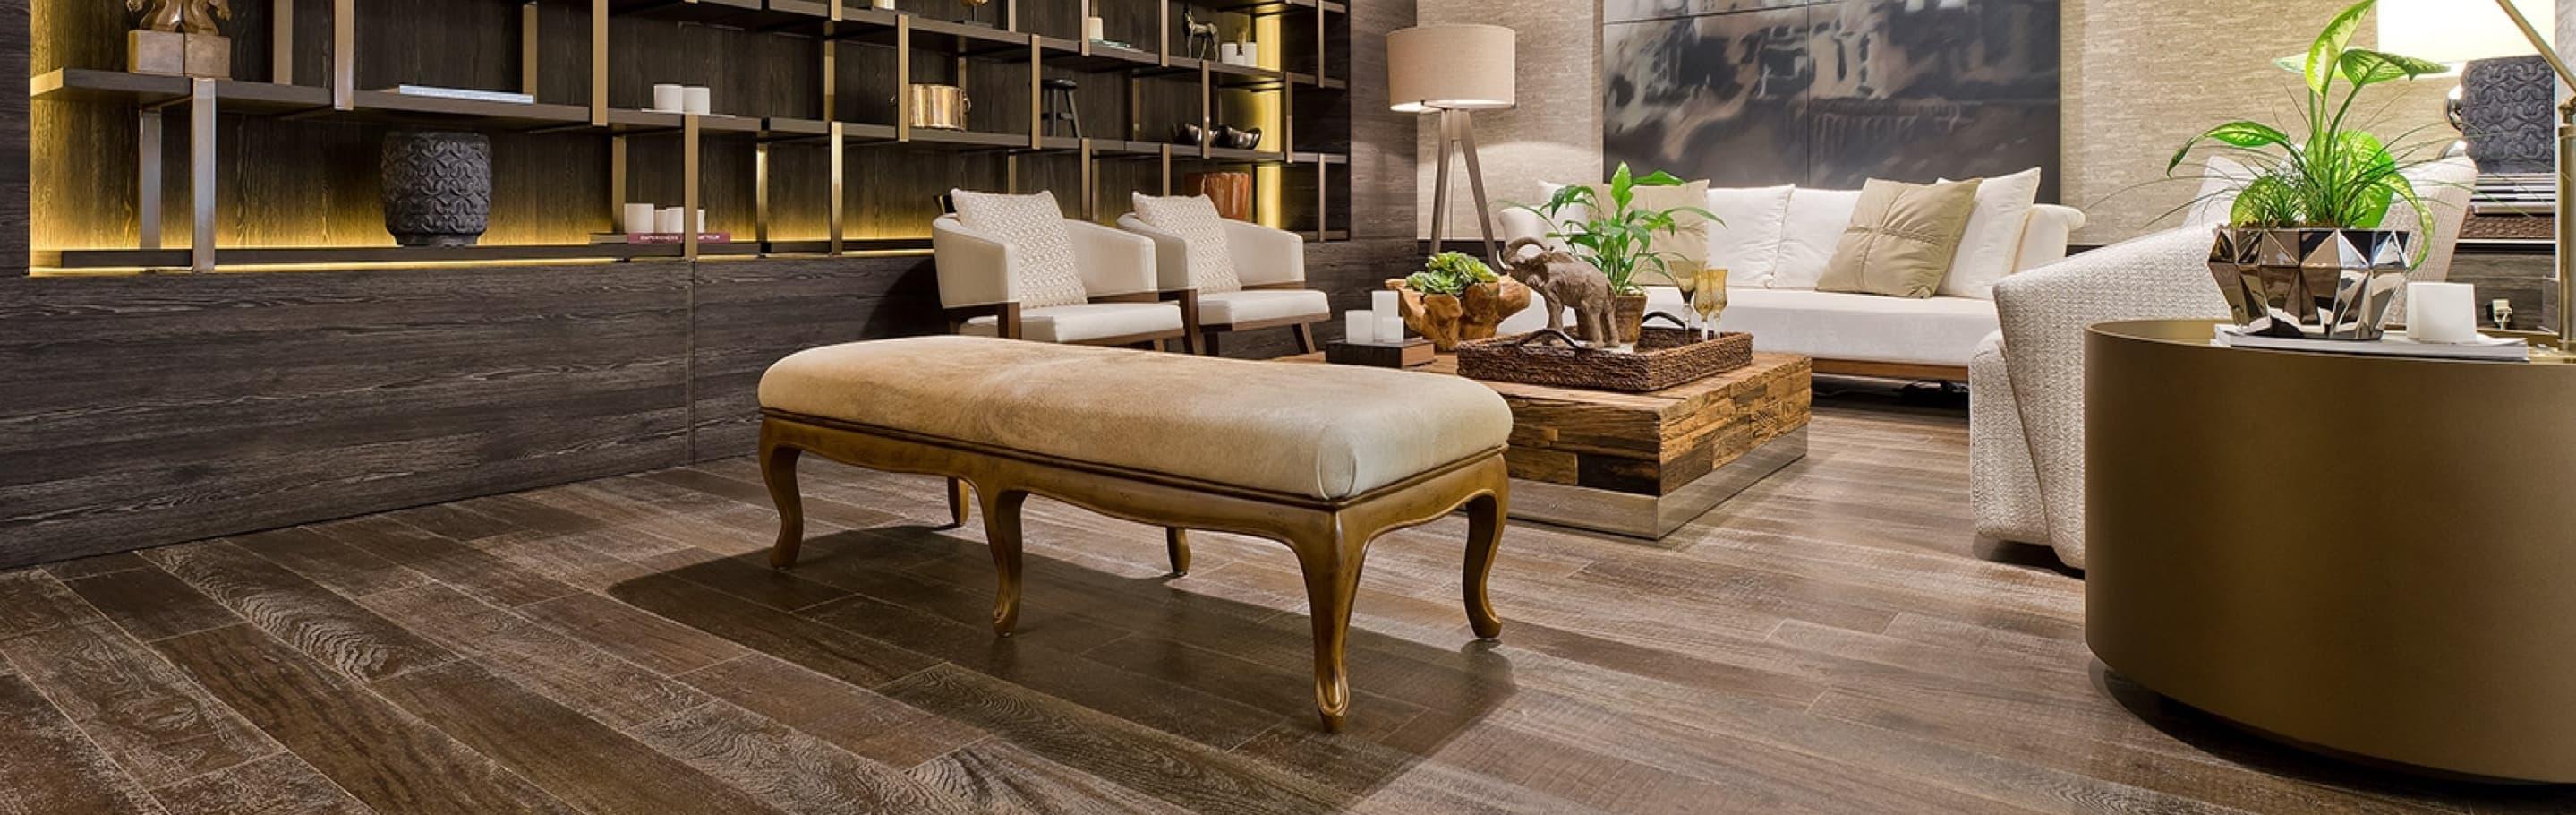 . Home Luxury Flooring   Design   All Flooring Design